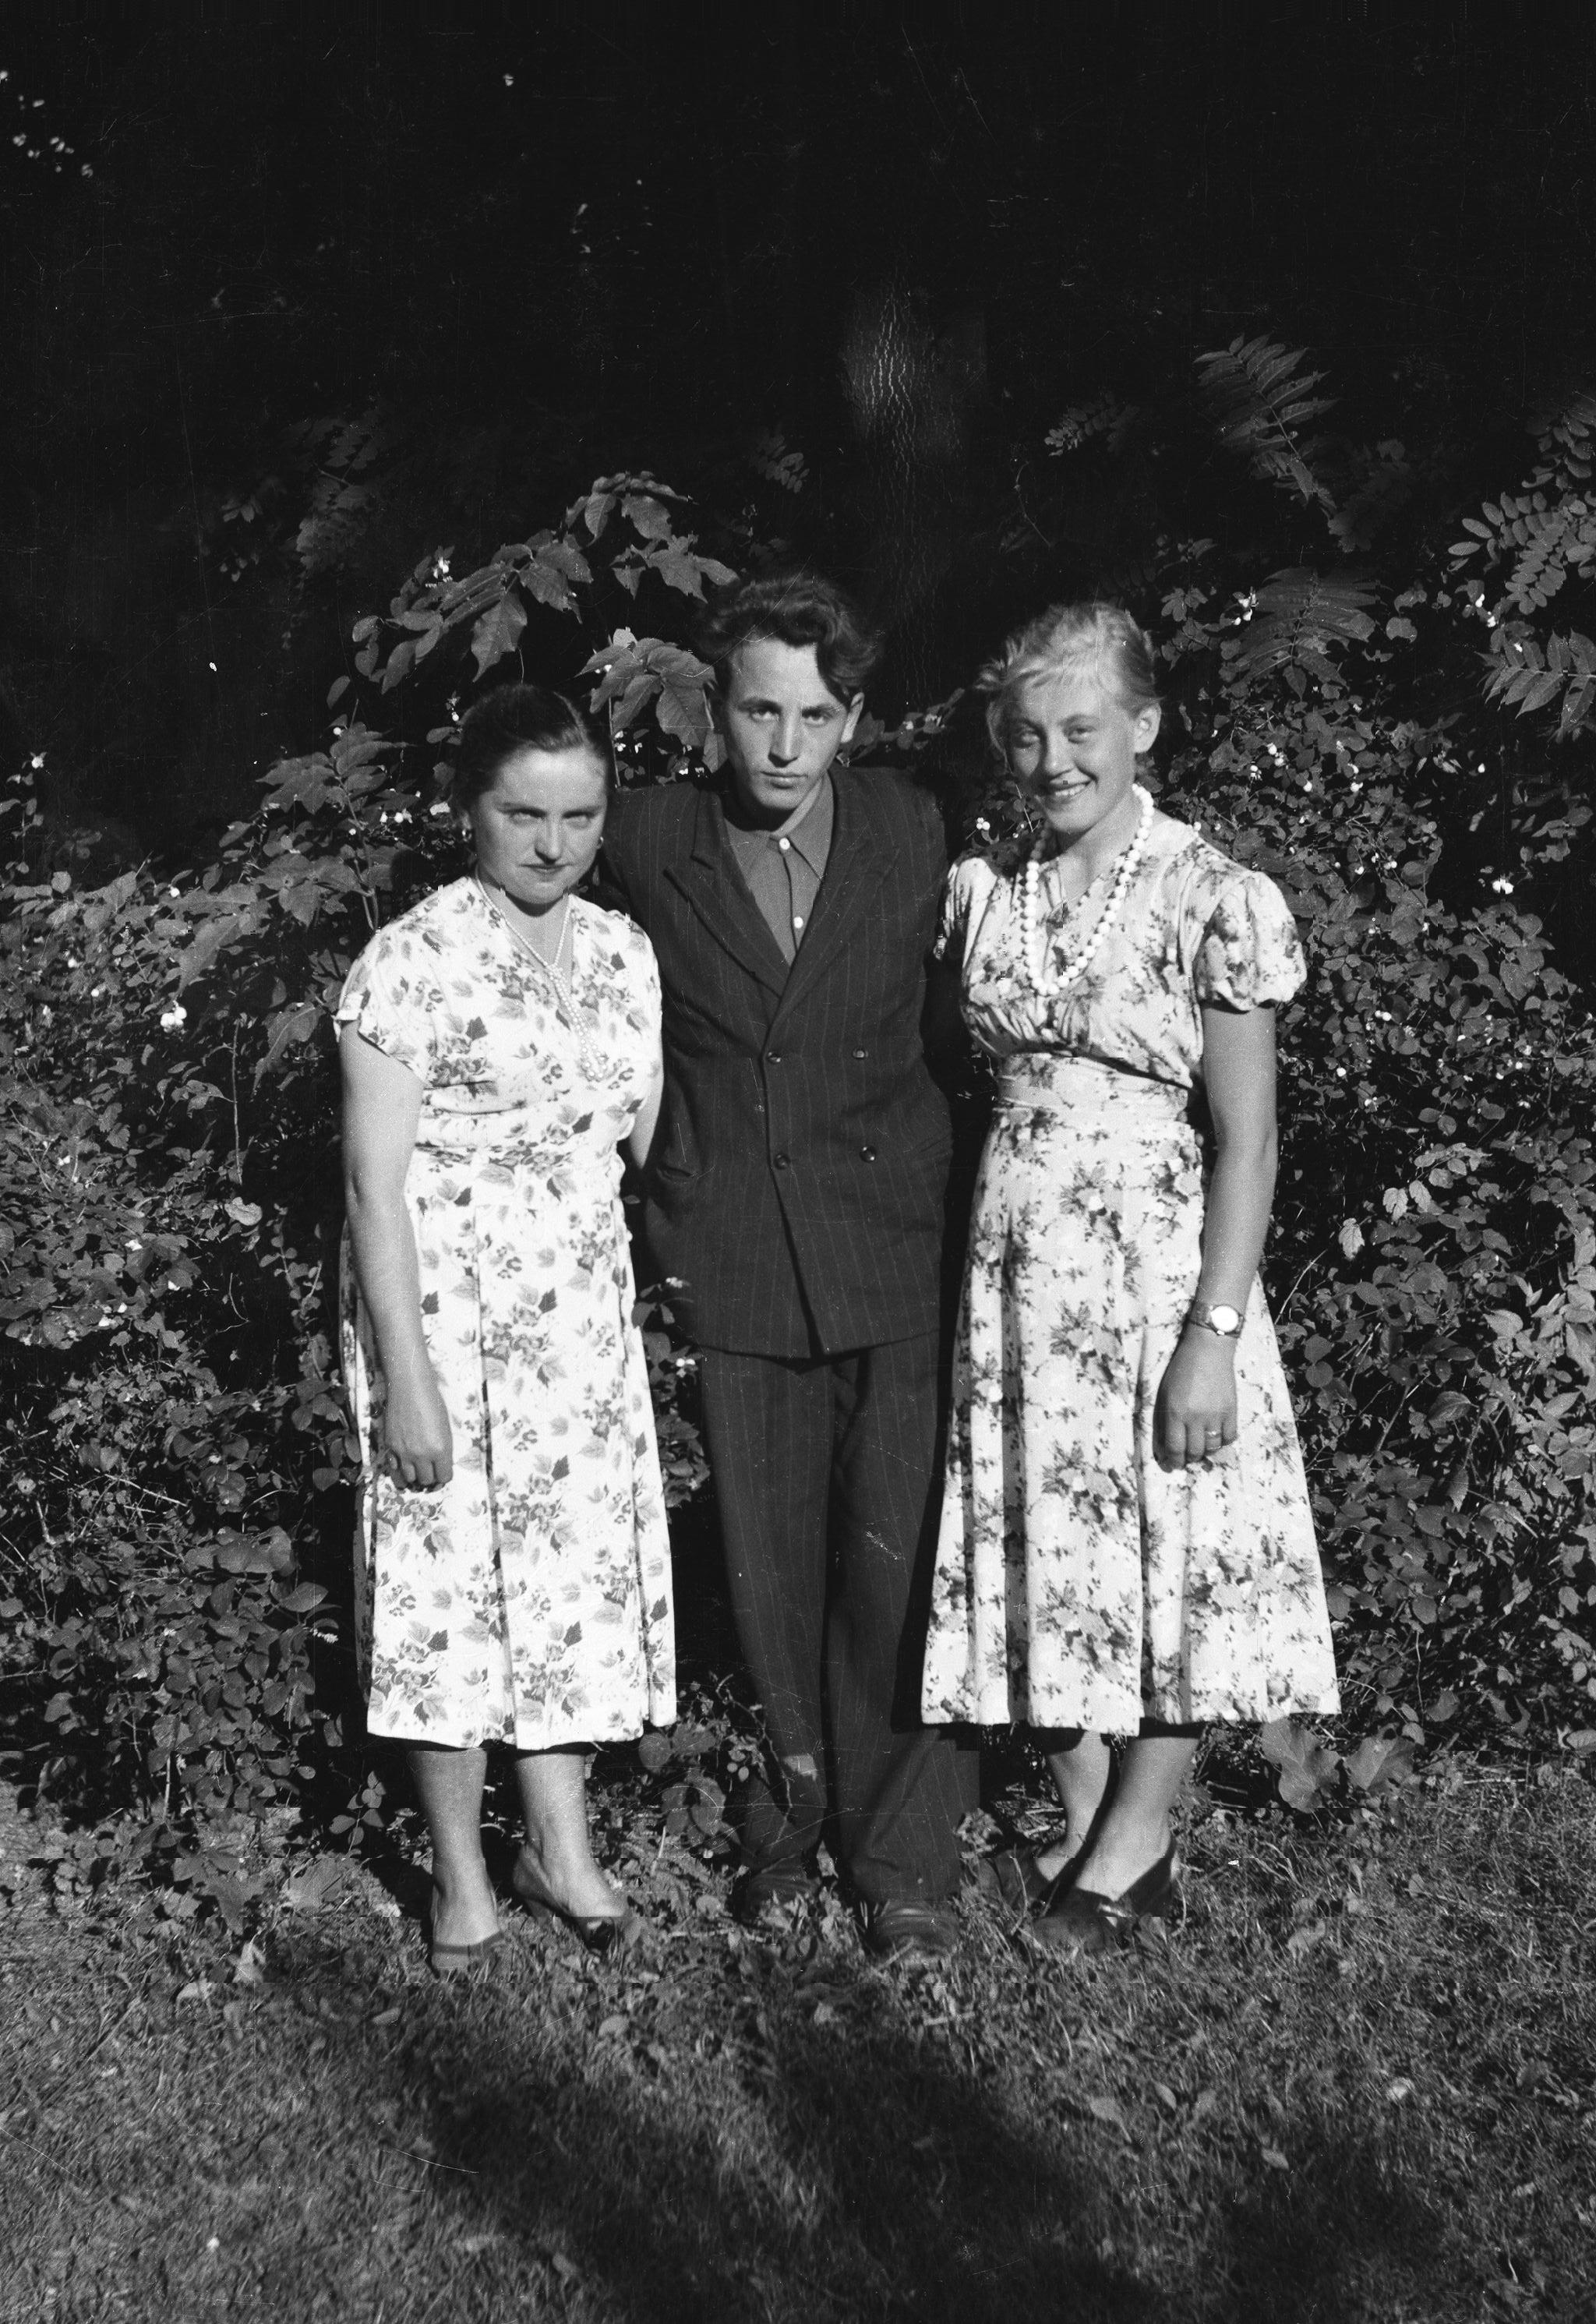 Od lewej: Janka, Edek, Luśka, Węglewo, Dolny Śląsk, lata 50. XX w.